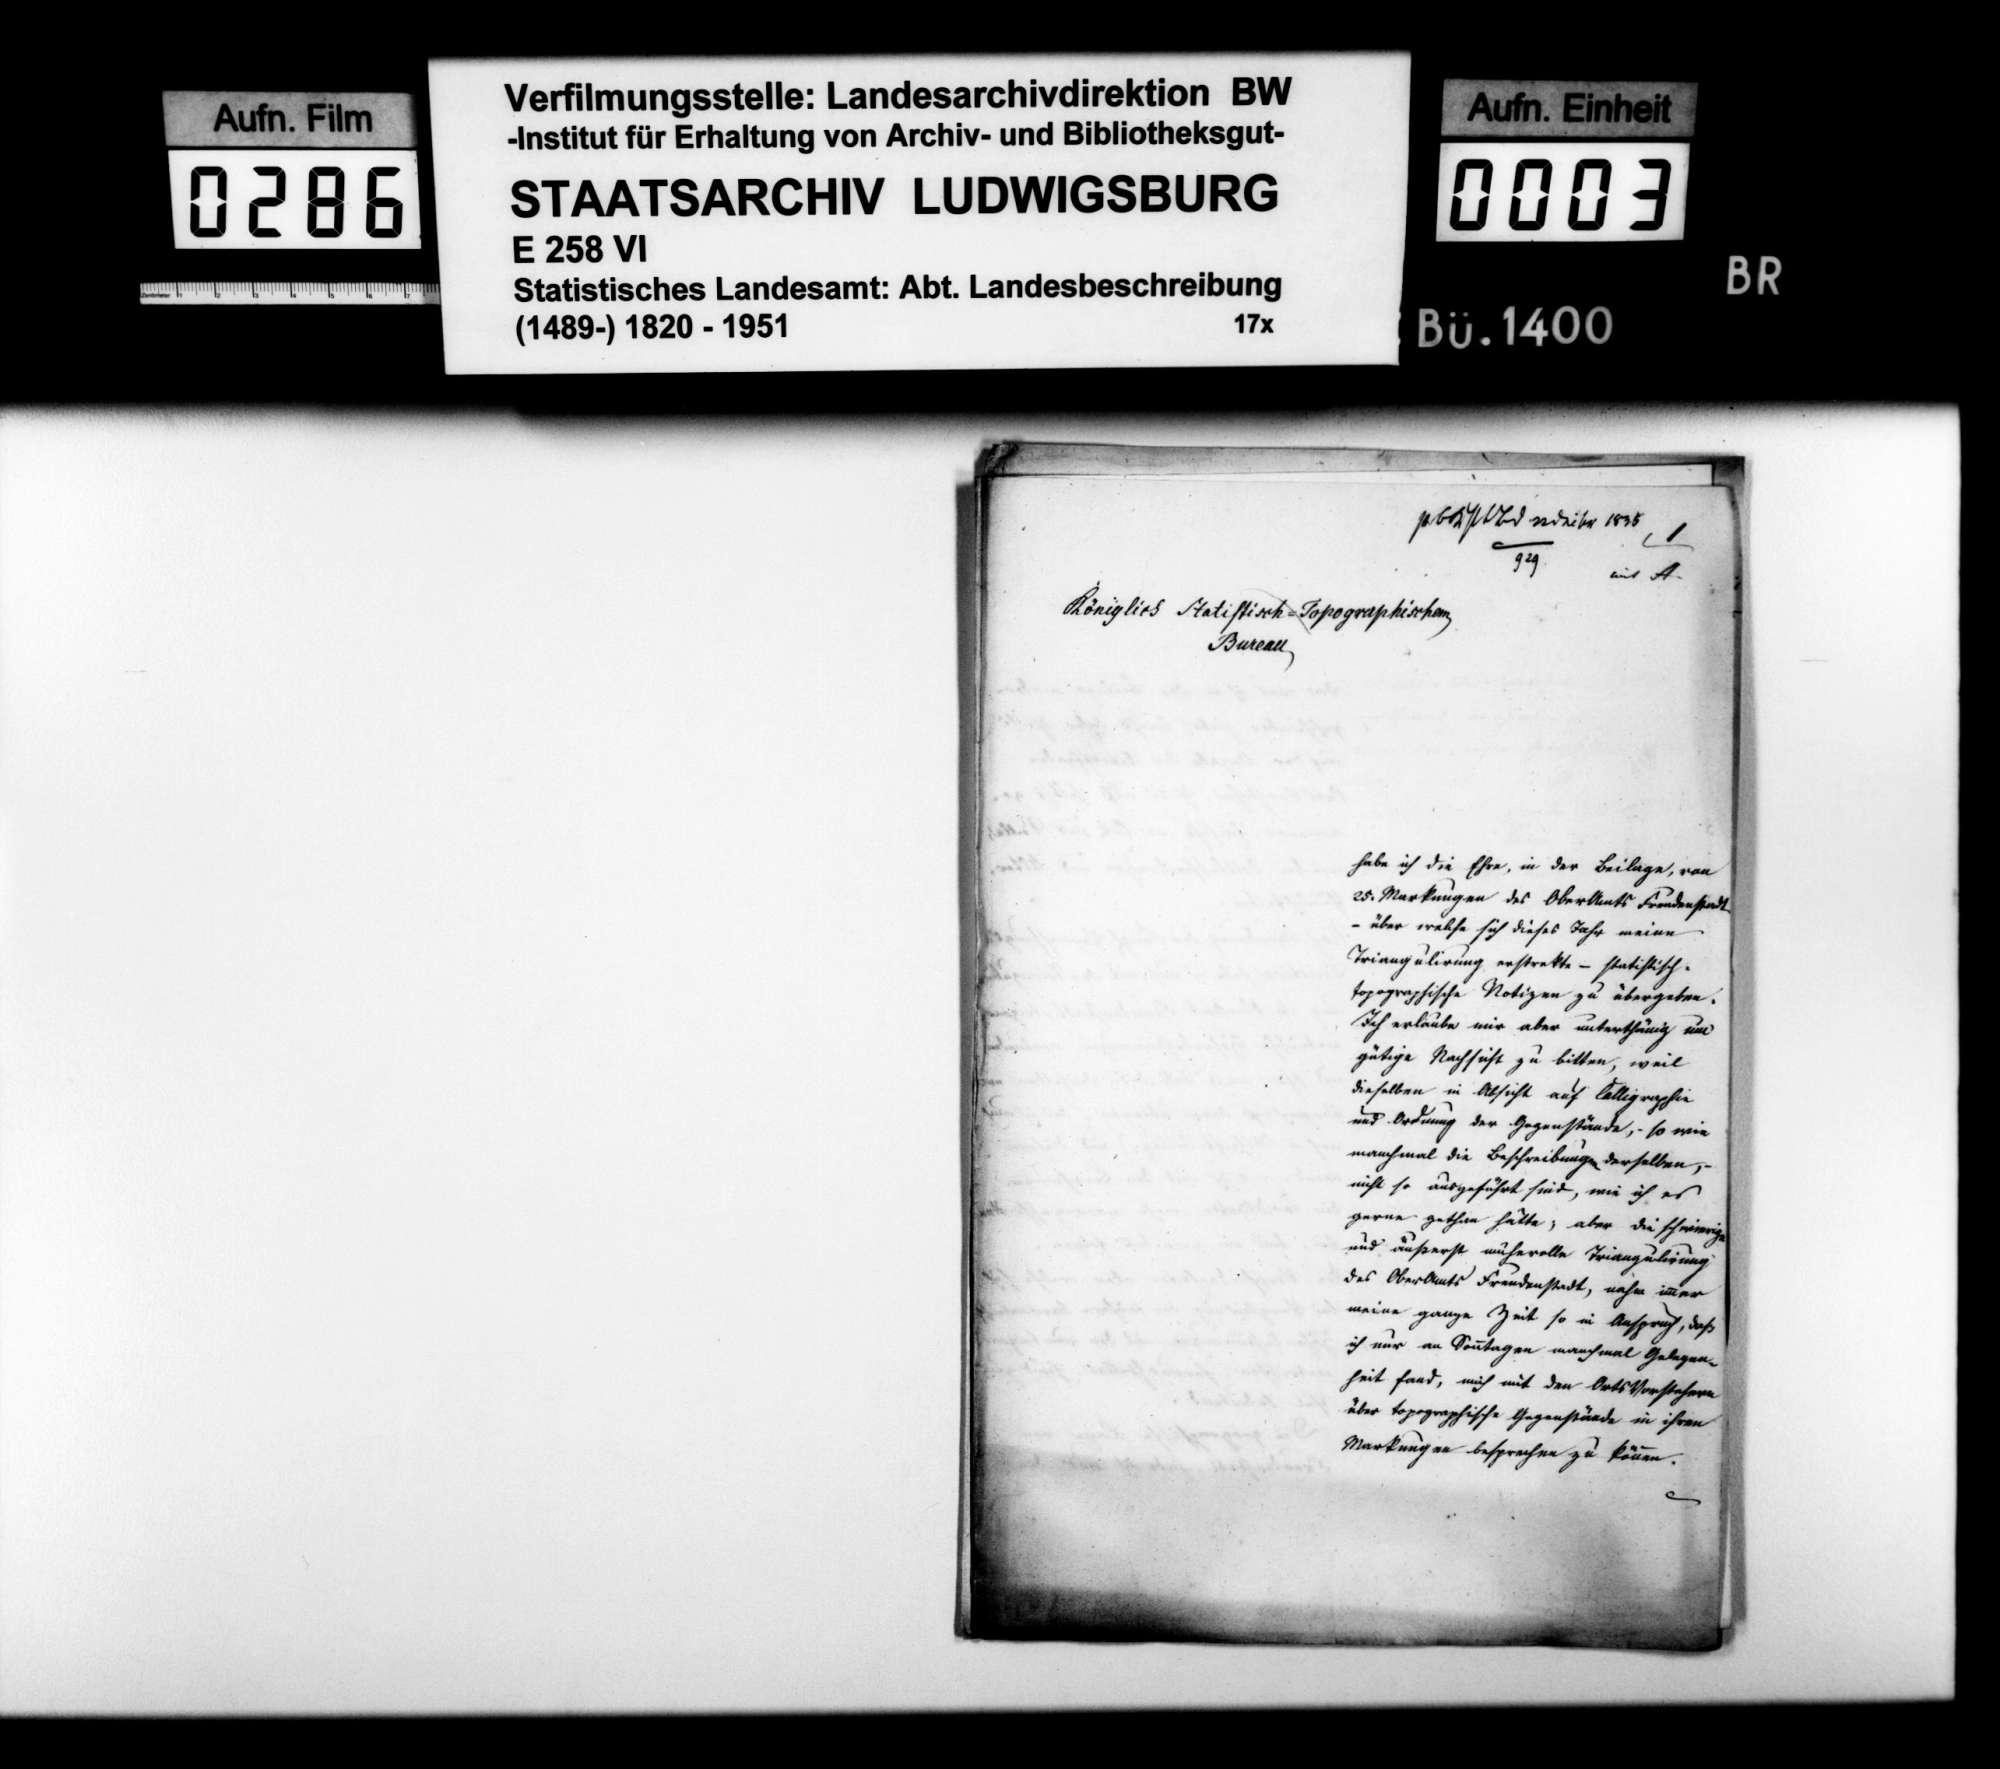 Statistisch-topographische Notizen des Trigonometers Kohler zum Oberamt, Bild 2